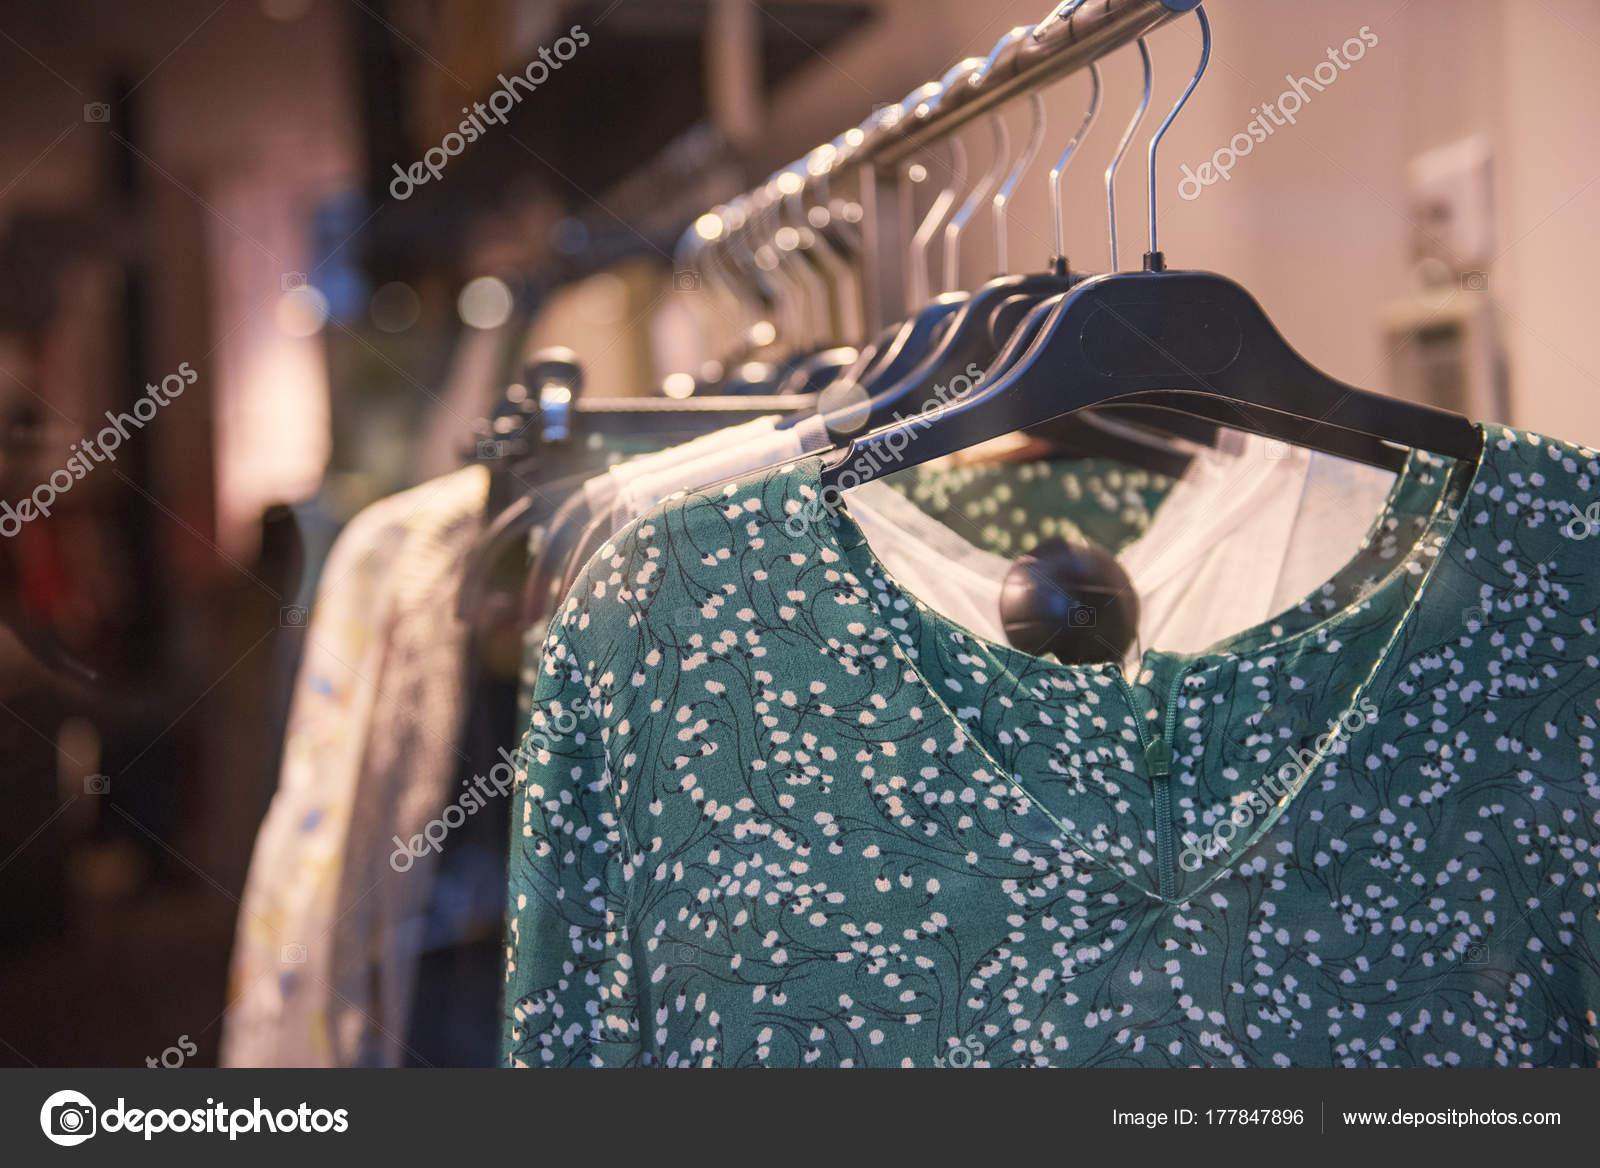 cbcb42d87743 Vestiti alla moda in un negozio boutique a Parigi — Foto di AGCreativeLab